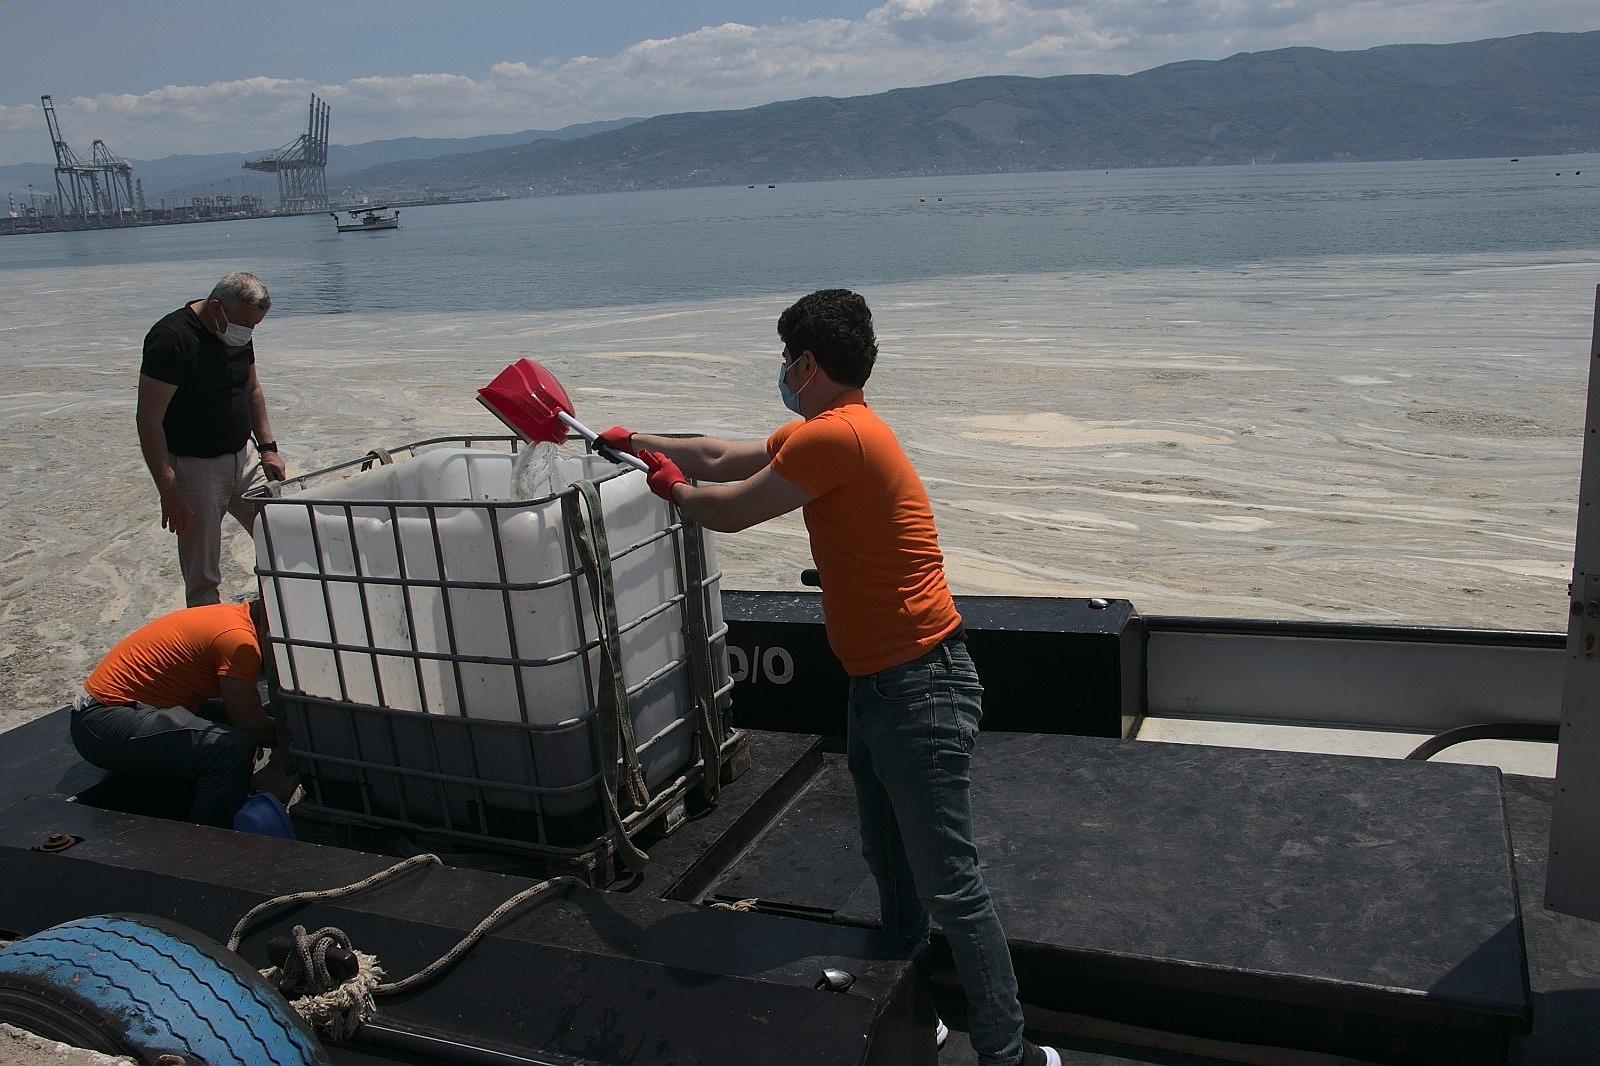 2021/06/vatandas-kureklerle-deniz-salyasi-temizledi-20210606AW33-6.jpg